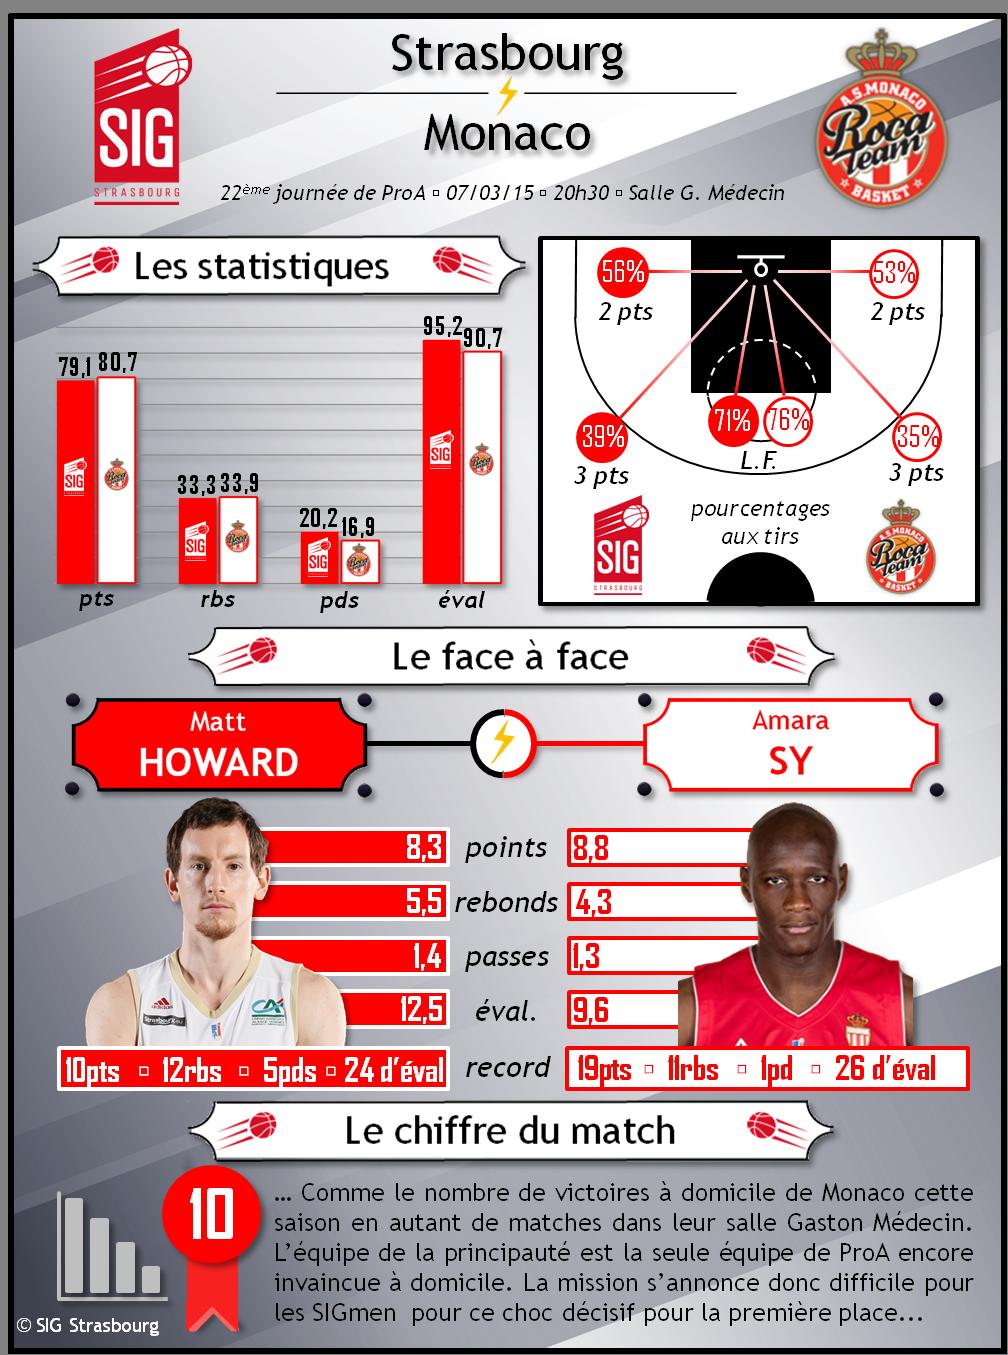 infographie Monaco-SIG